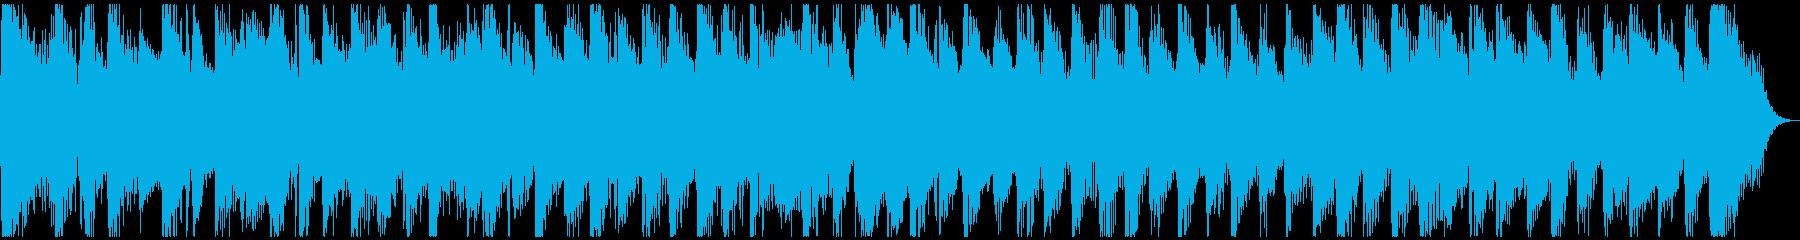 15秒ちょうど・SNSに最適なブギウギの再生済みの波形